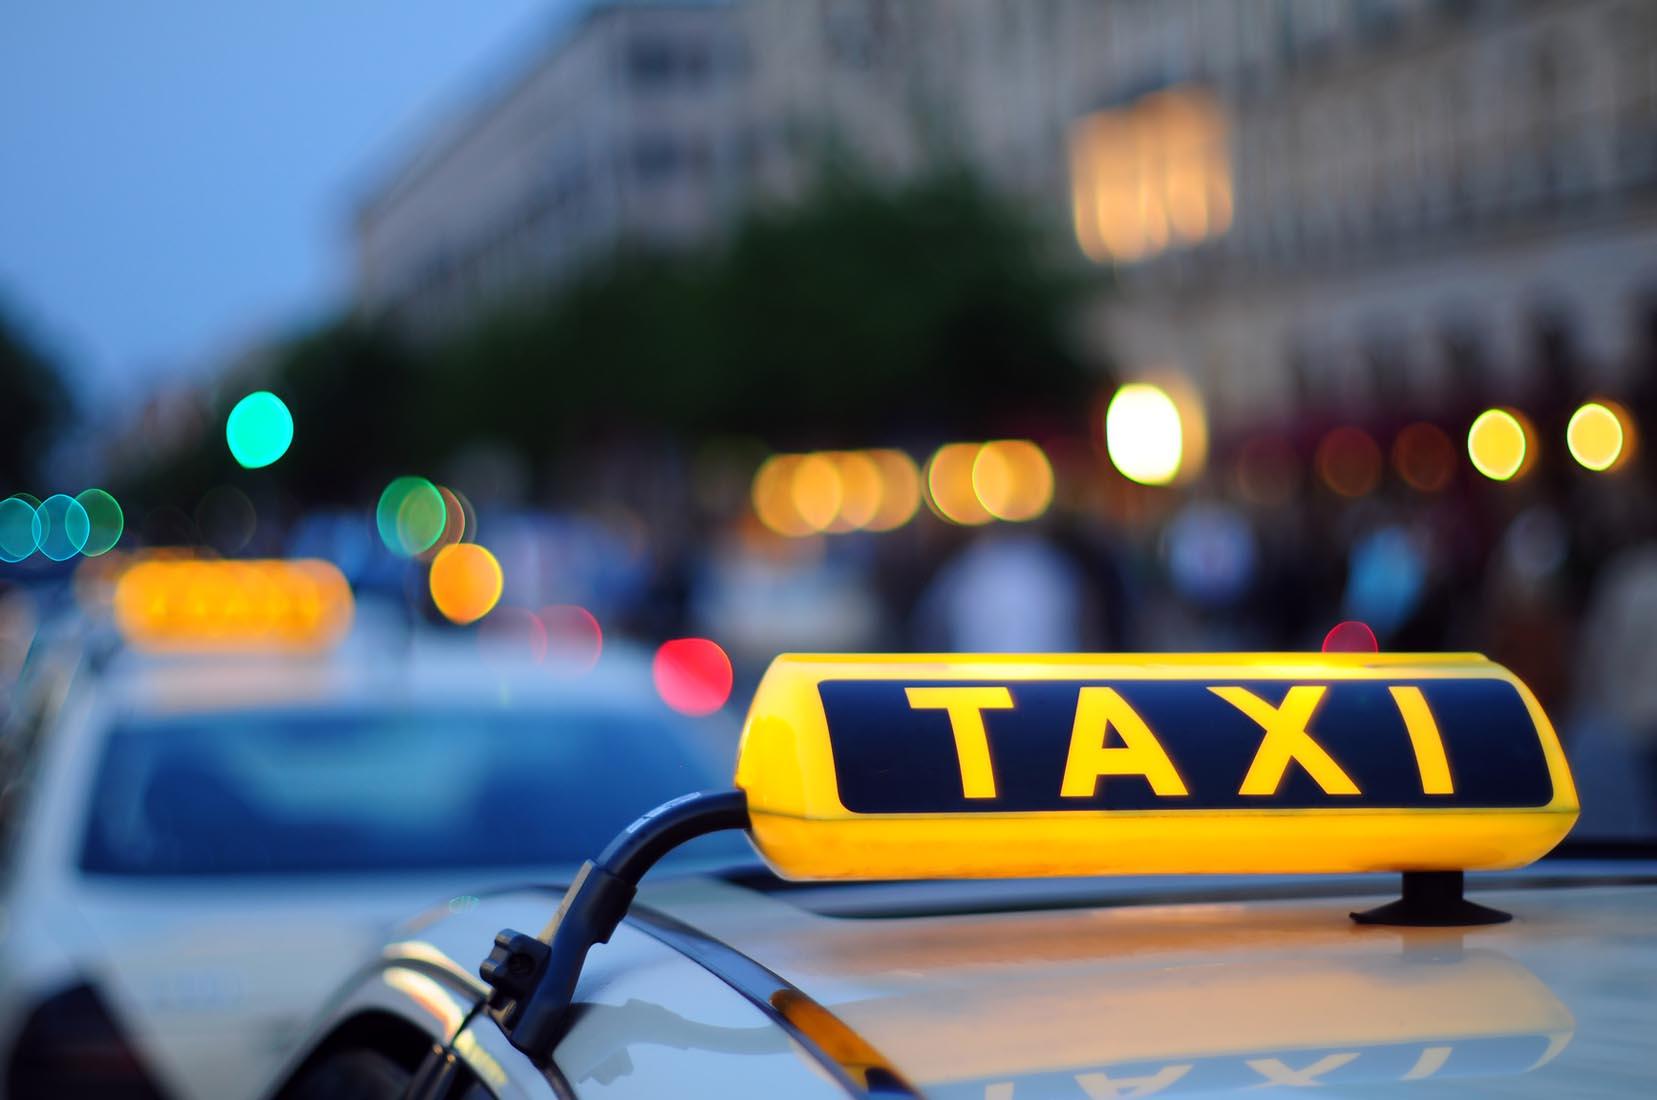 İstanbul'da 15 bin taksiye kamera sistemi kurulacak!